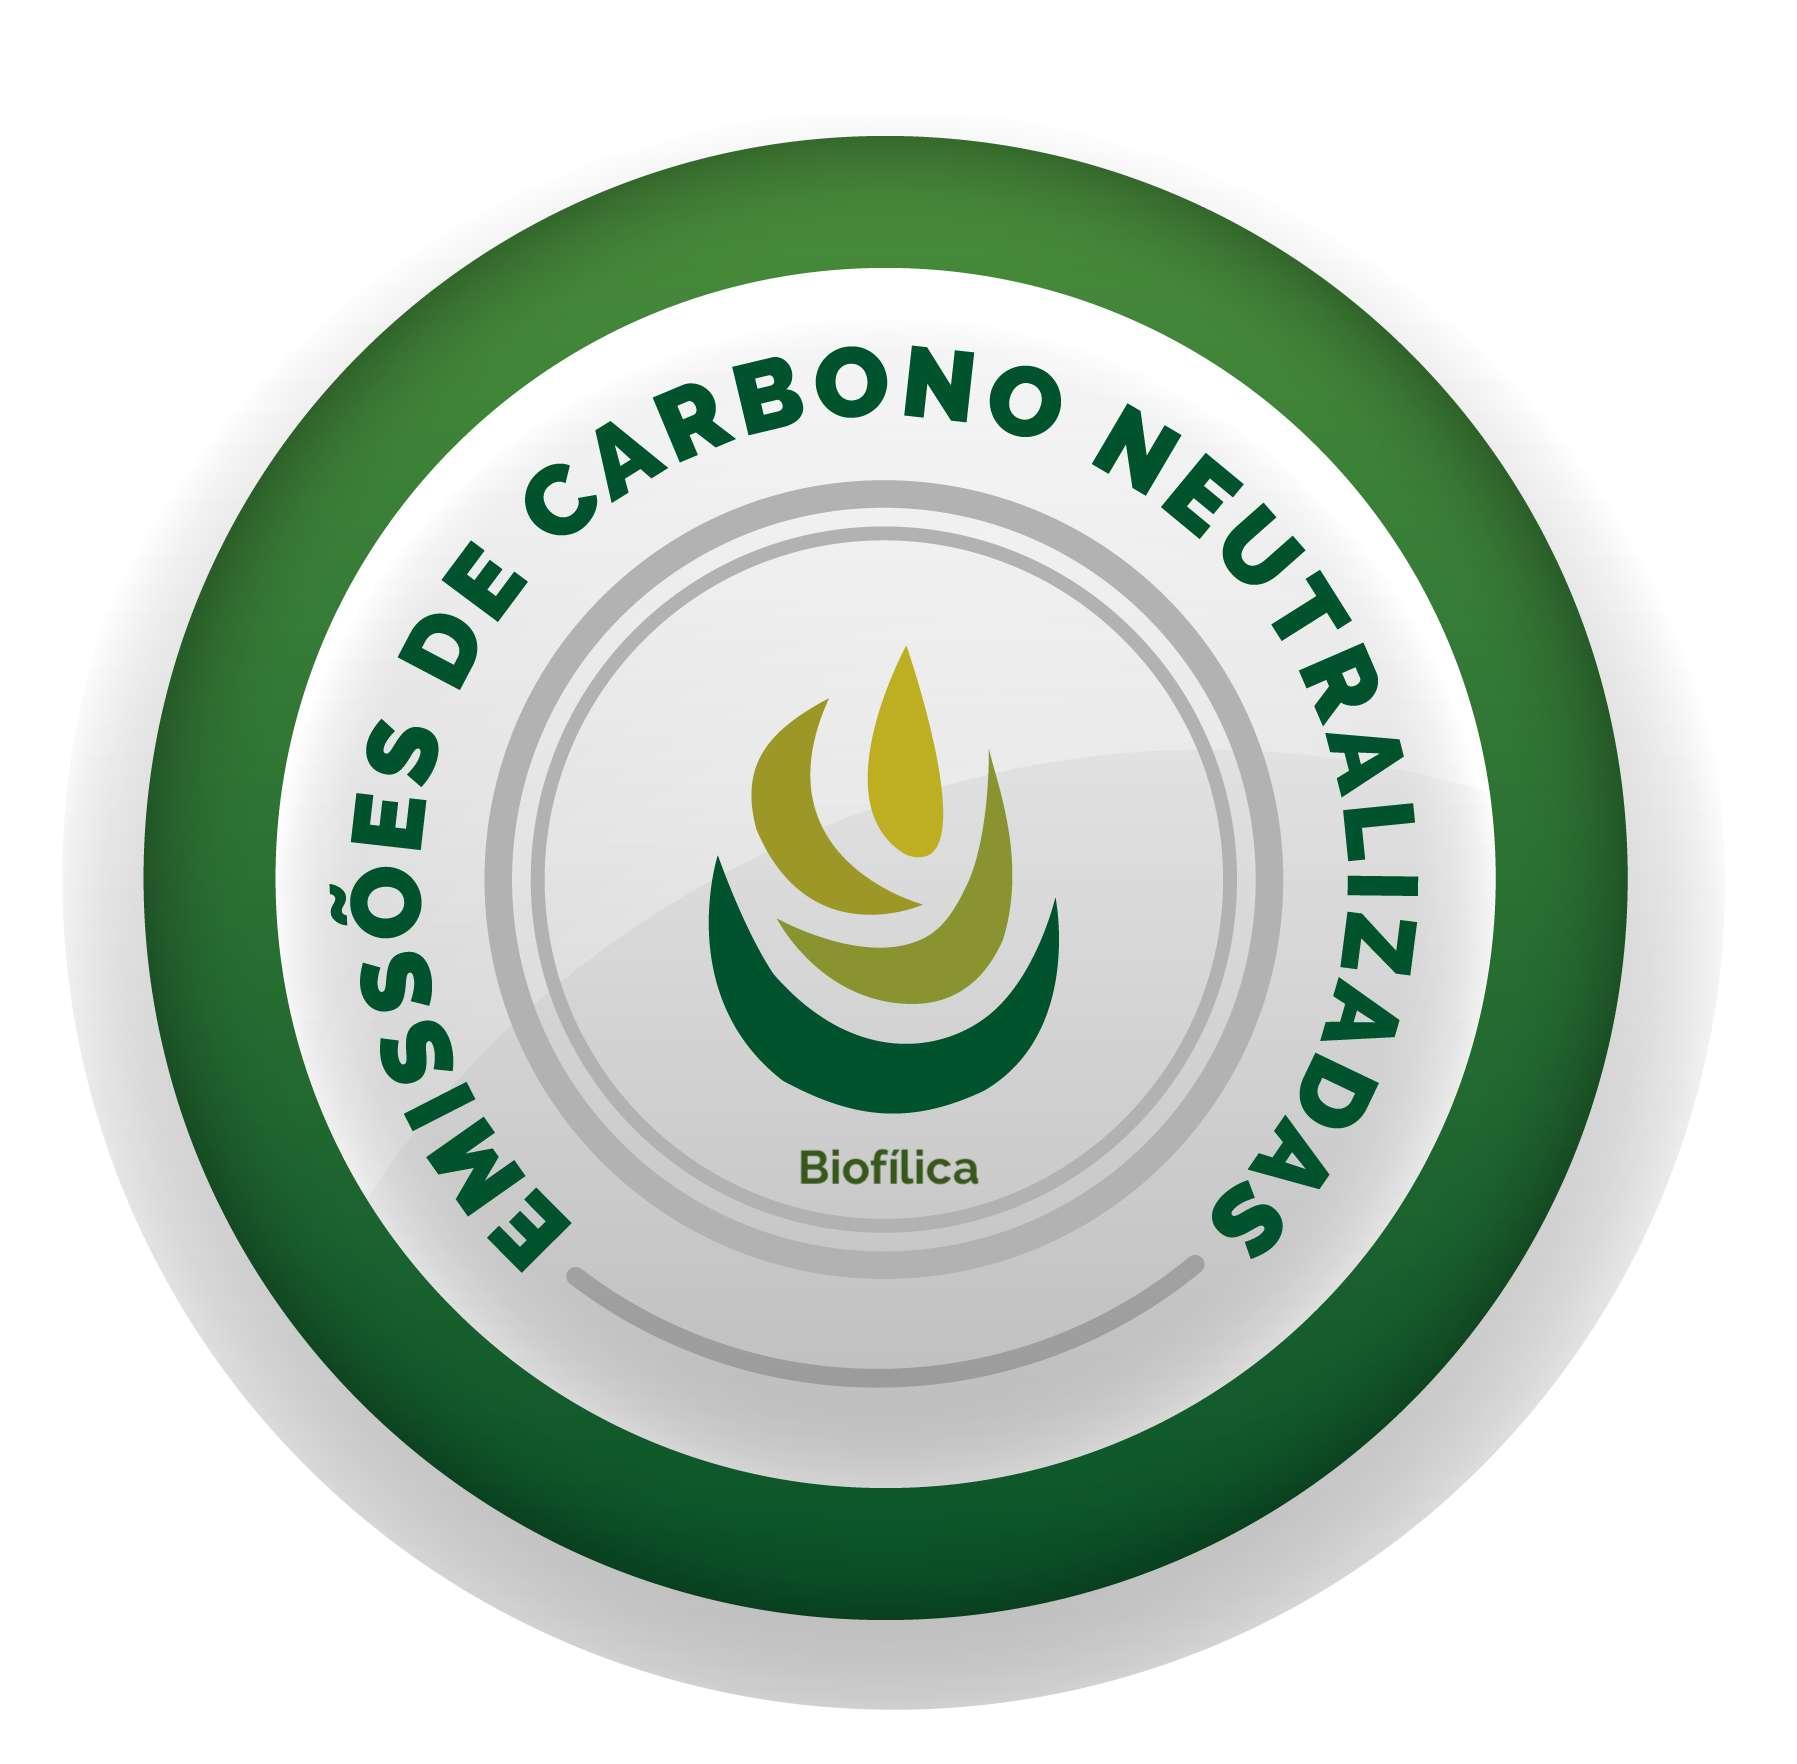 PlasticPro - Renovador de Plásticos e Borrachas 500ml (Go Eco Wash)  - Loja Go Eco Wash